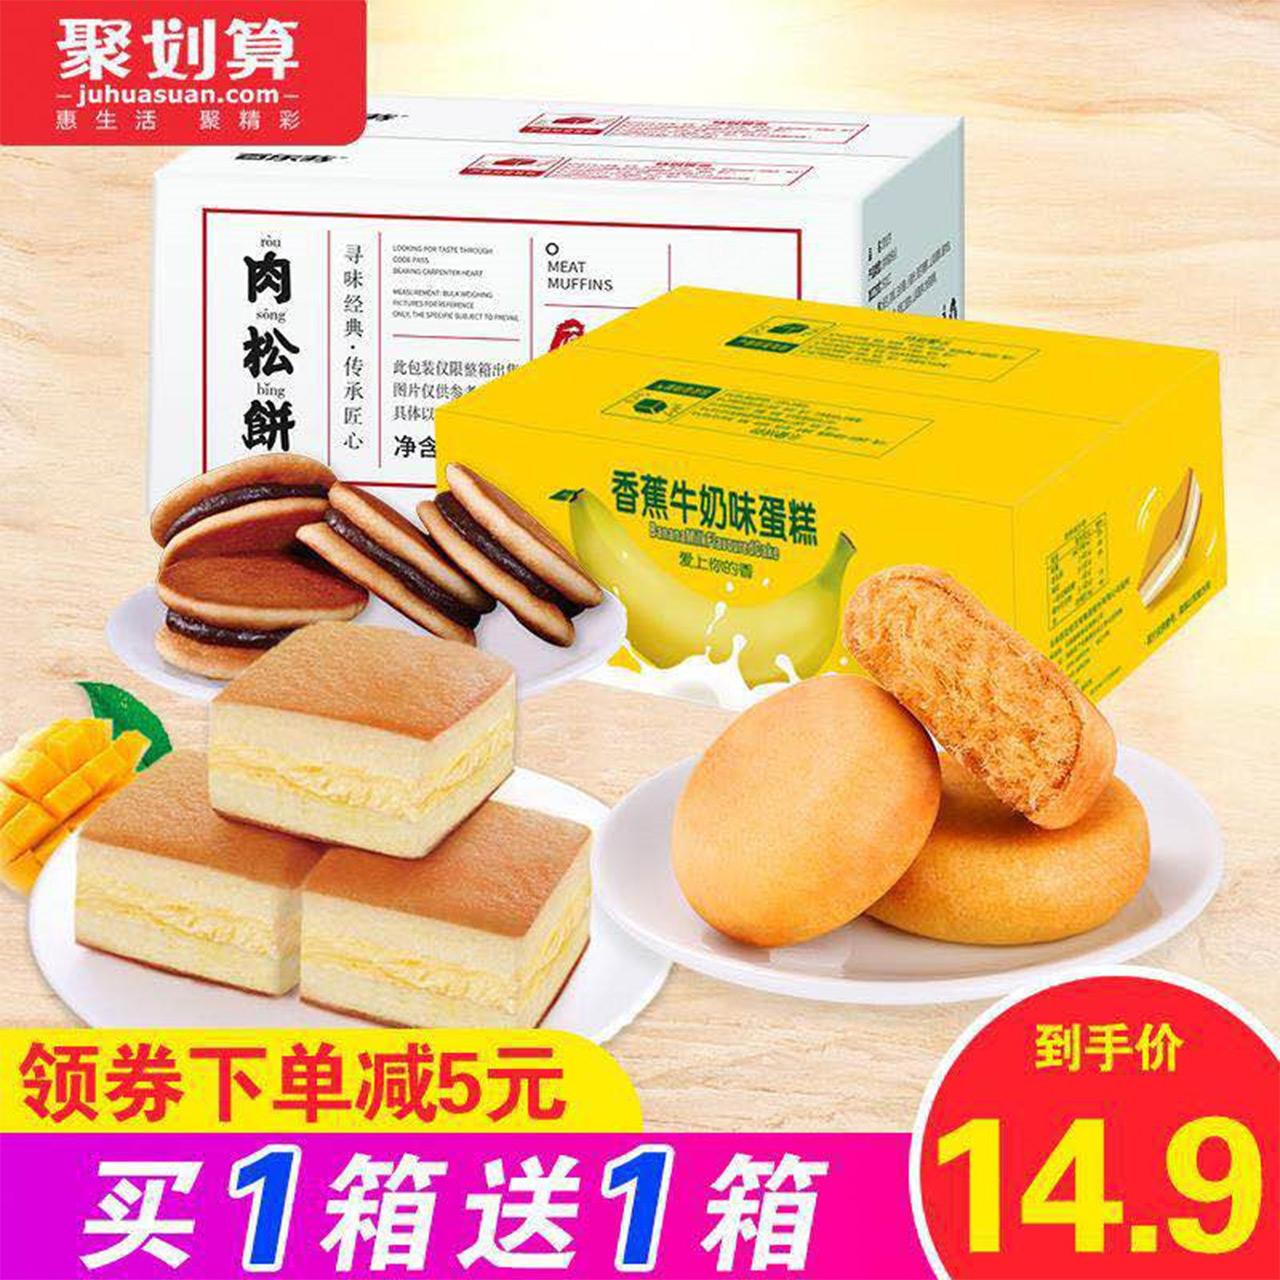 【爆款推荐】百乐芬夹心蛋糕整箱营养早餐糕点心肉松饼面包网红小吃休闲零食品 2小时销量达2984件